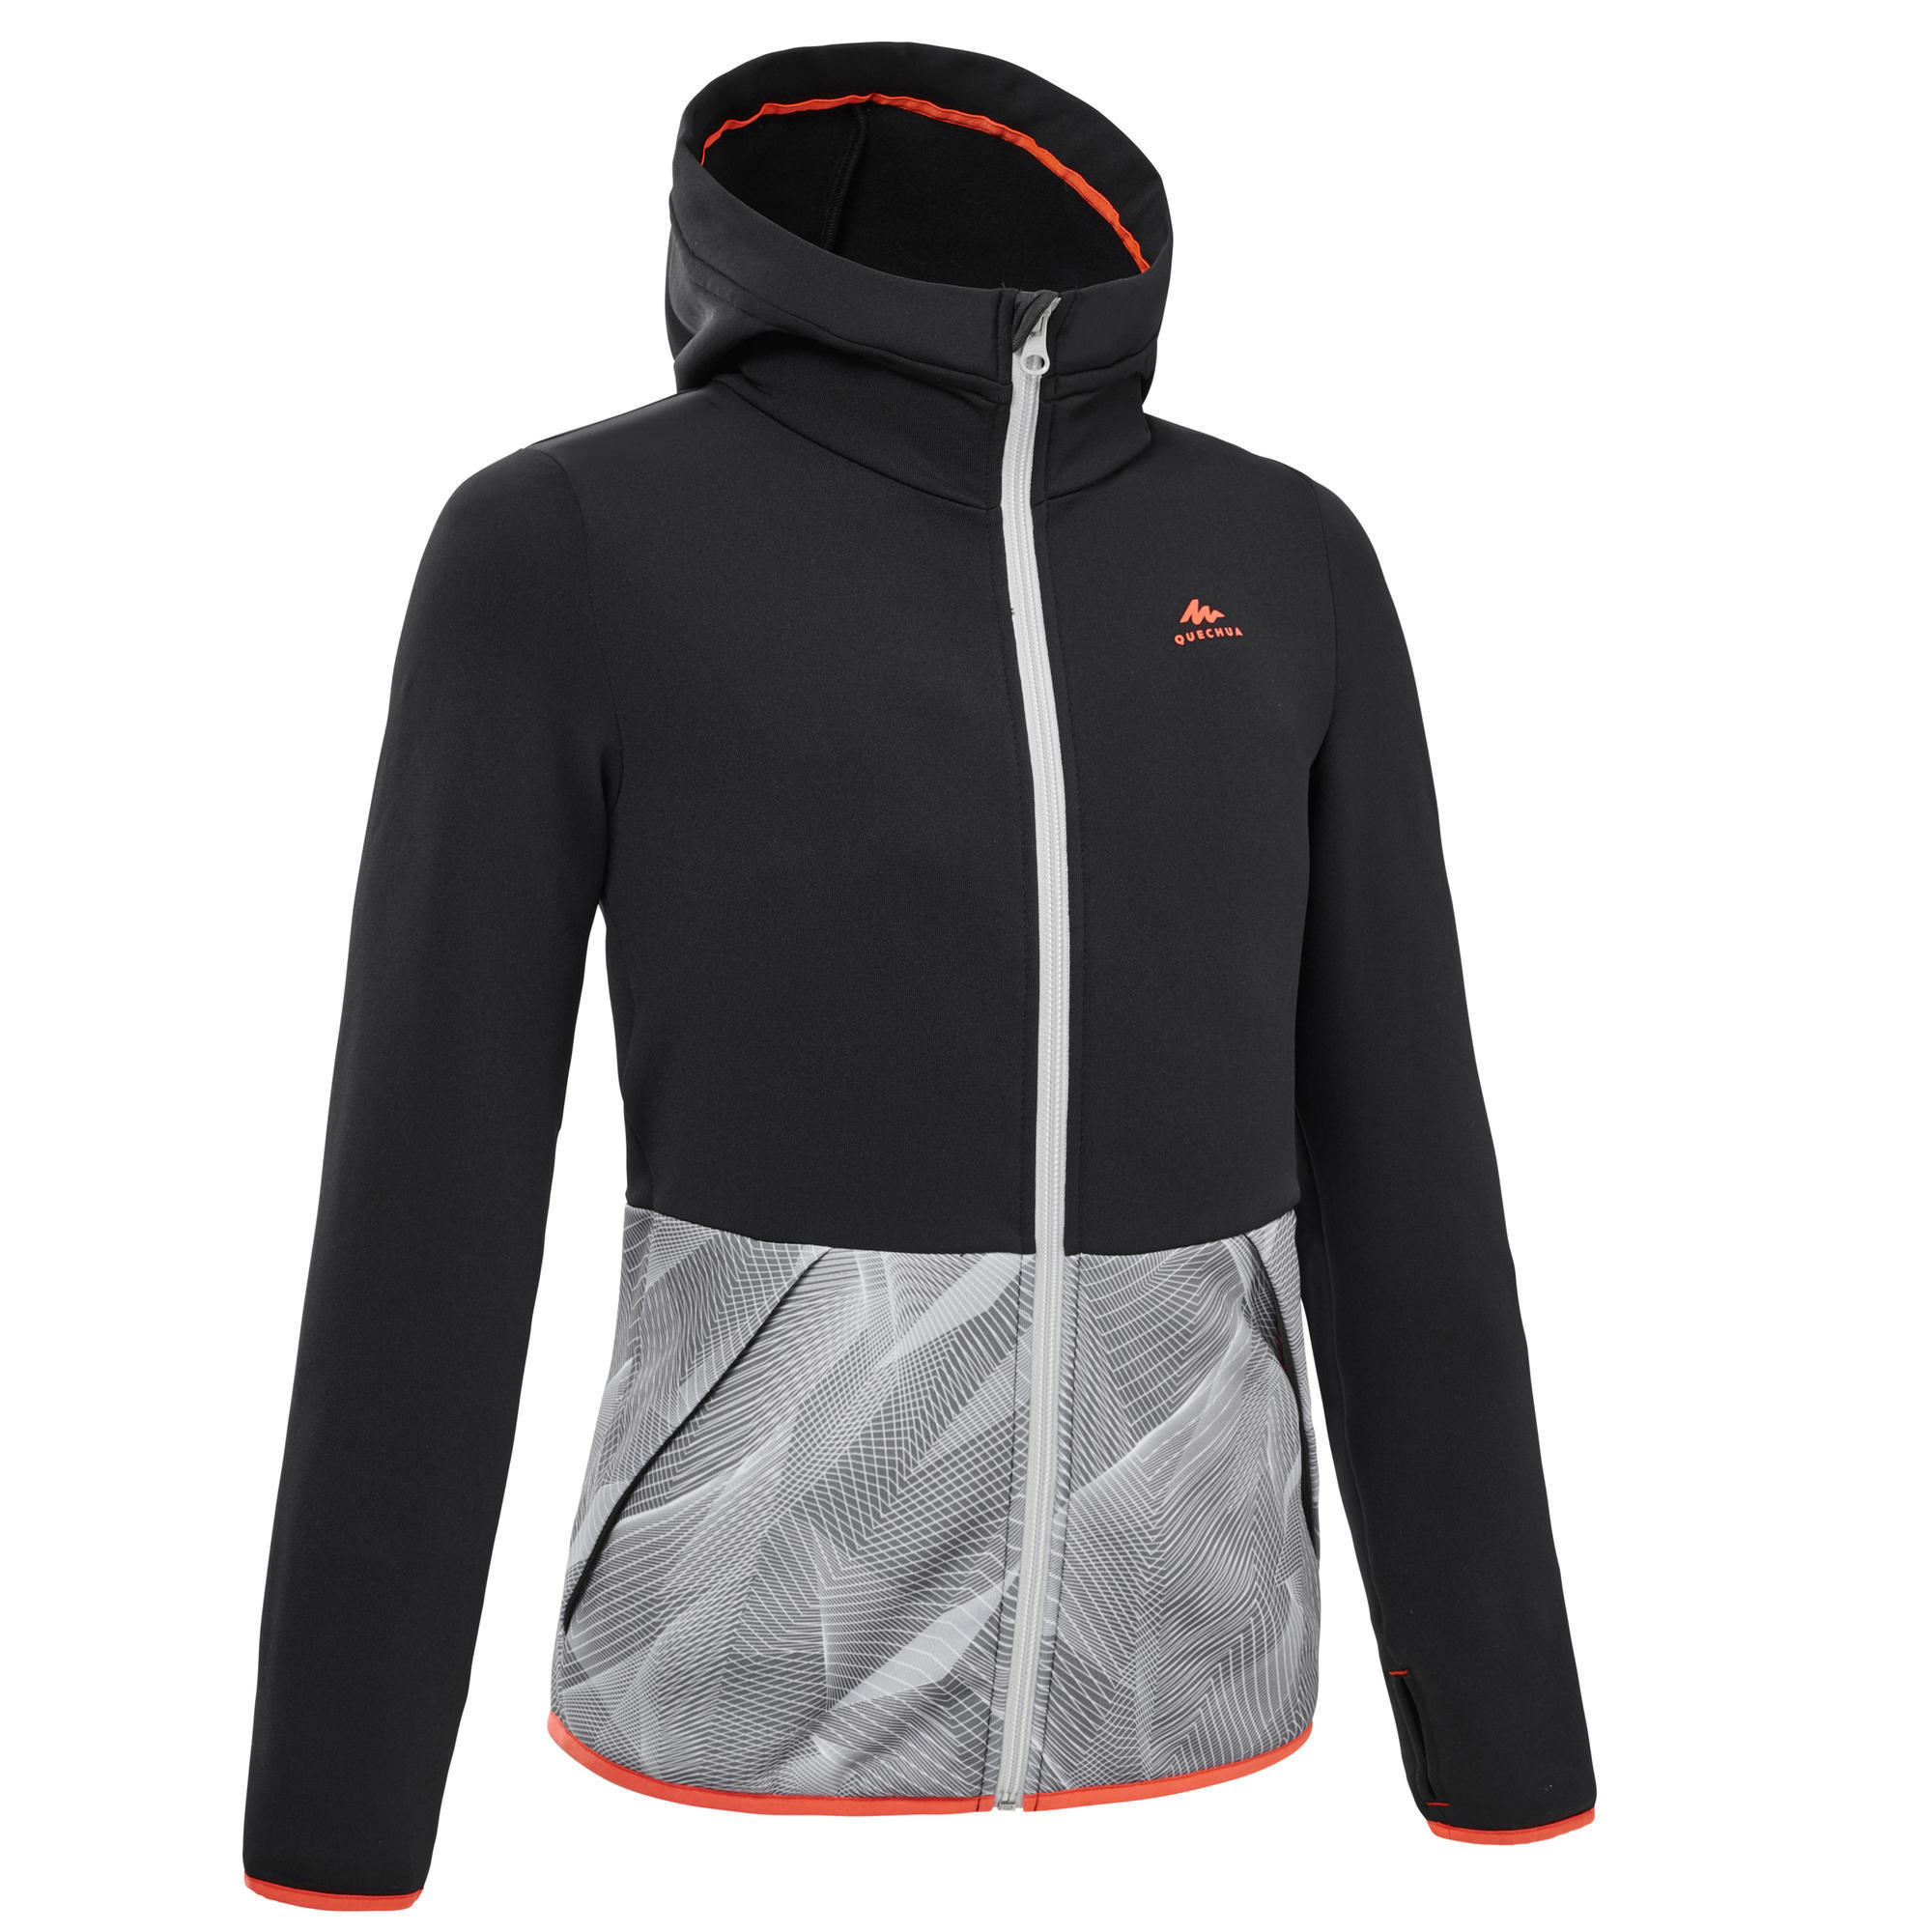 2538e7f5c30 Fleece trui kopen | Warme en lichte fleeces | Decathlon.nl